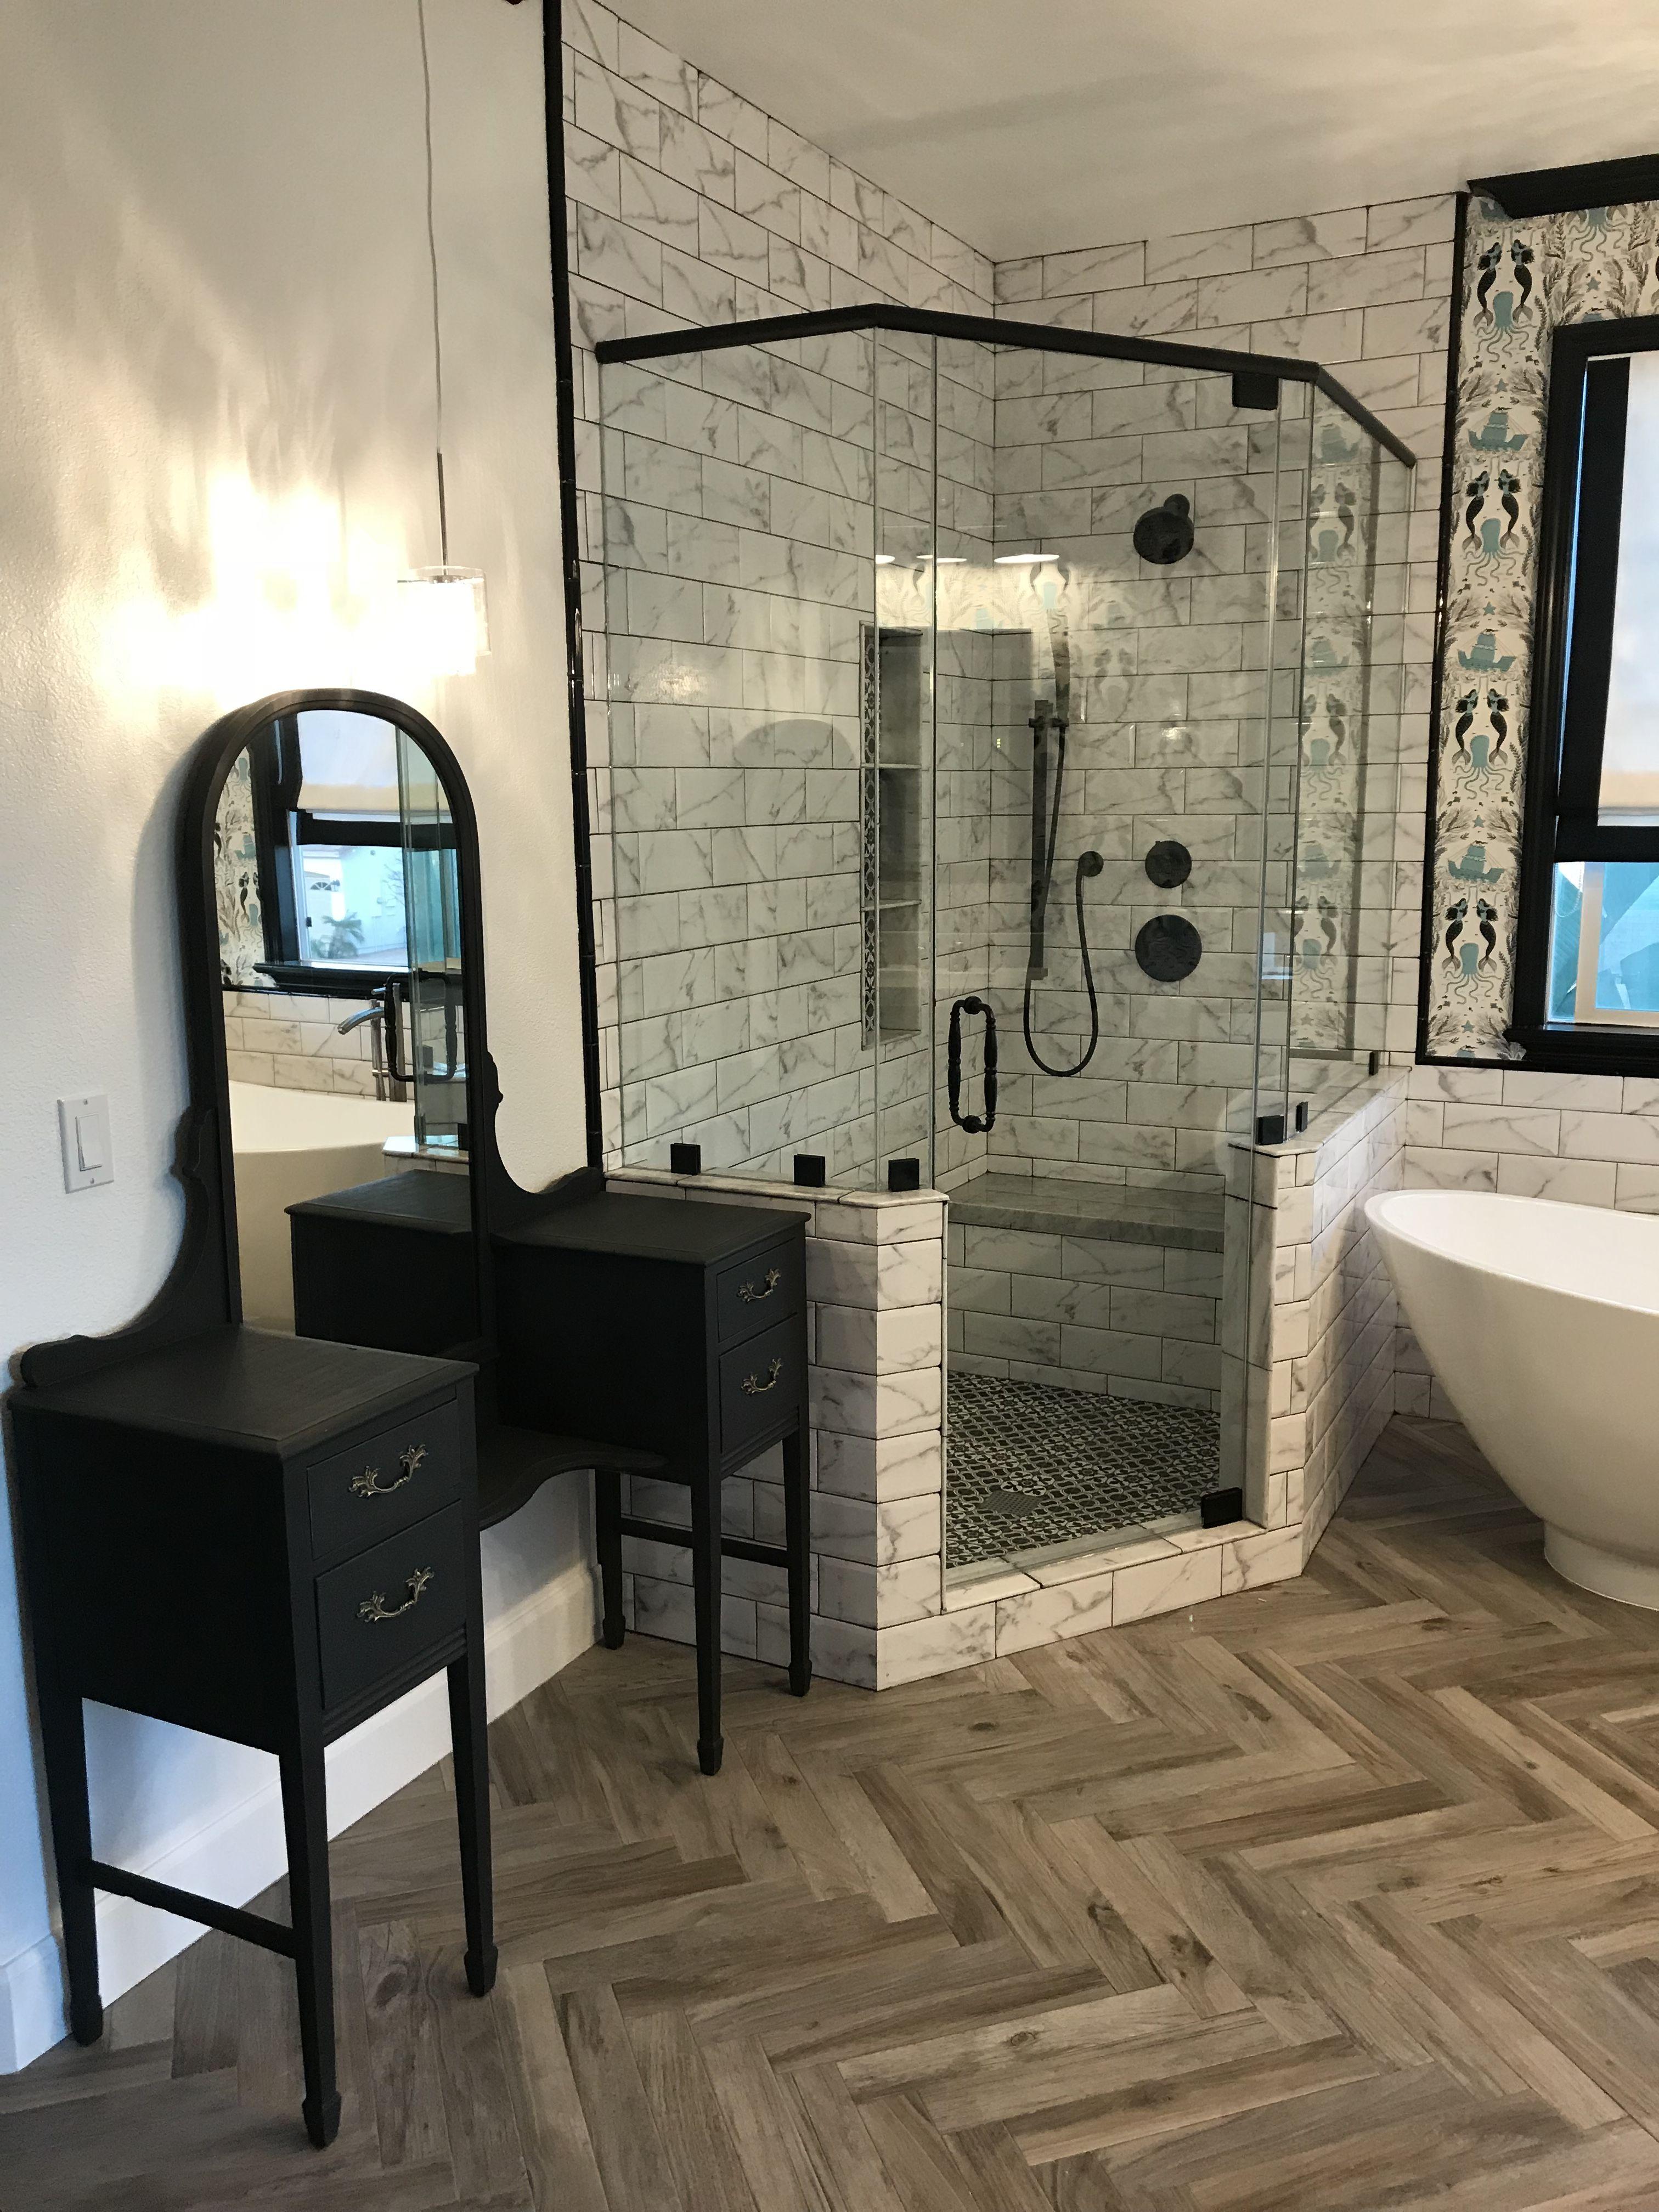 Modern Coastal farmhouse bathroom (With images) Bathroom